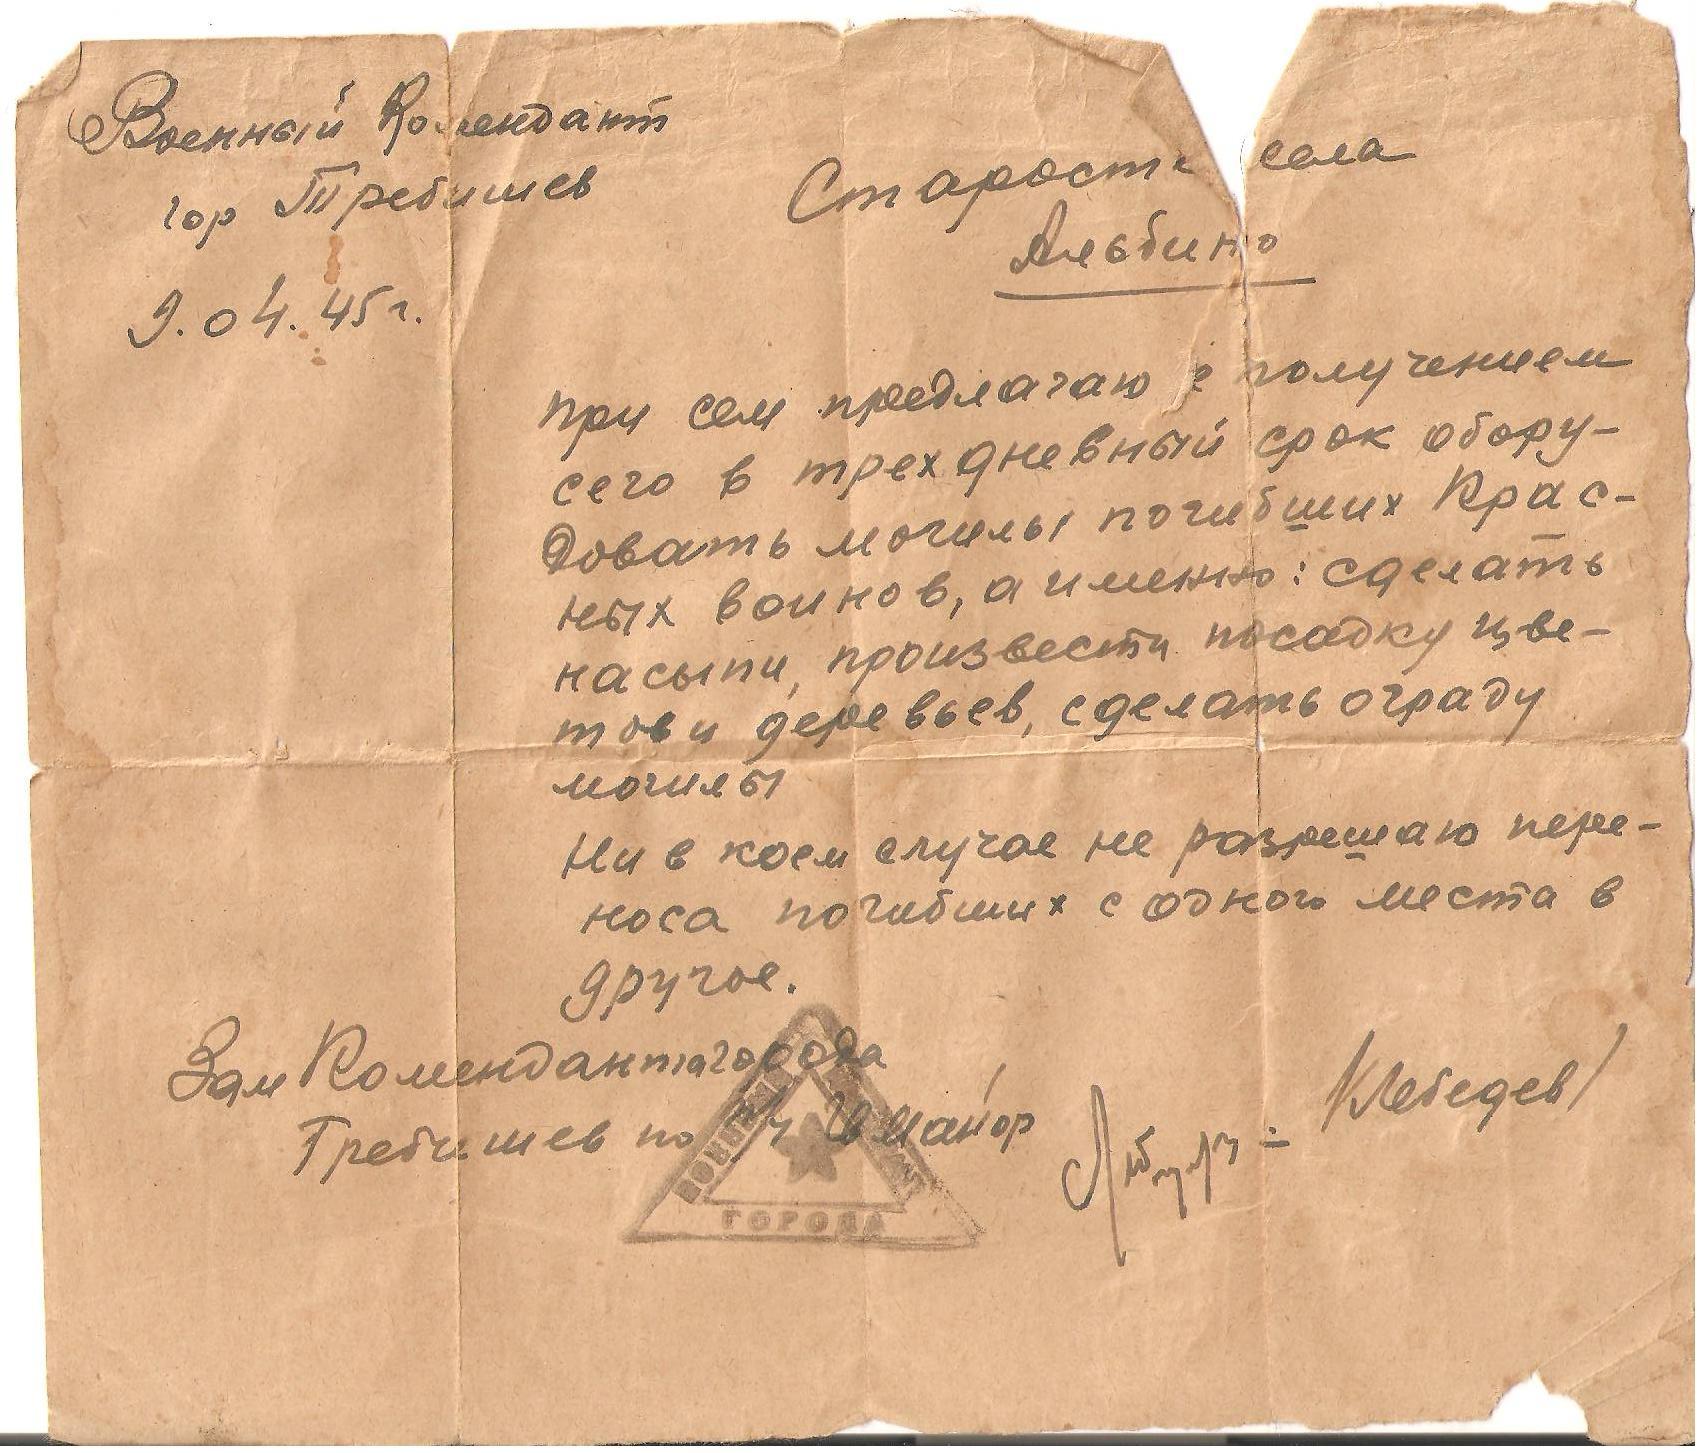 List z druhej svetovej vojny :: všeobecné :: války - diskuse